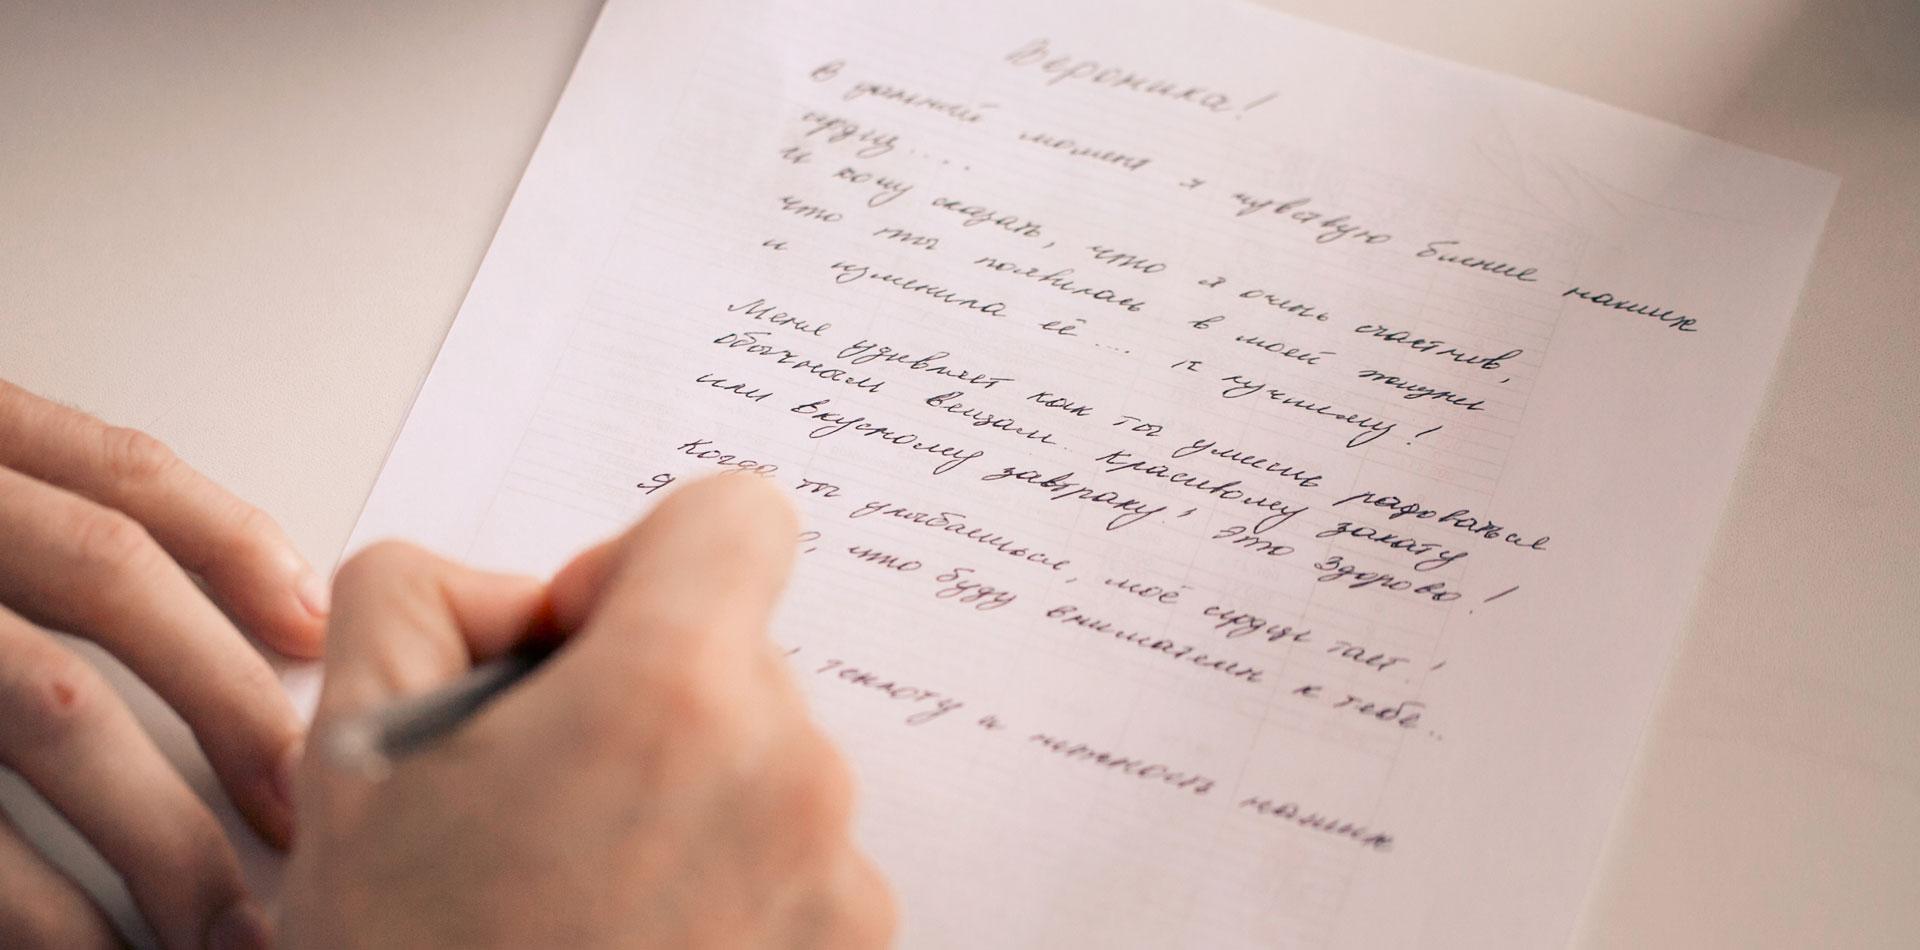 Лилия Горланова: 10 советов невестам от свадебного фотографа и организатора фото 12